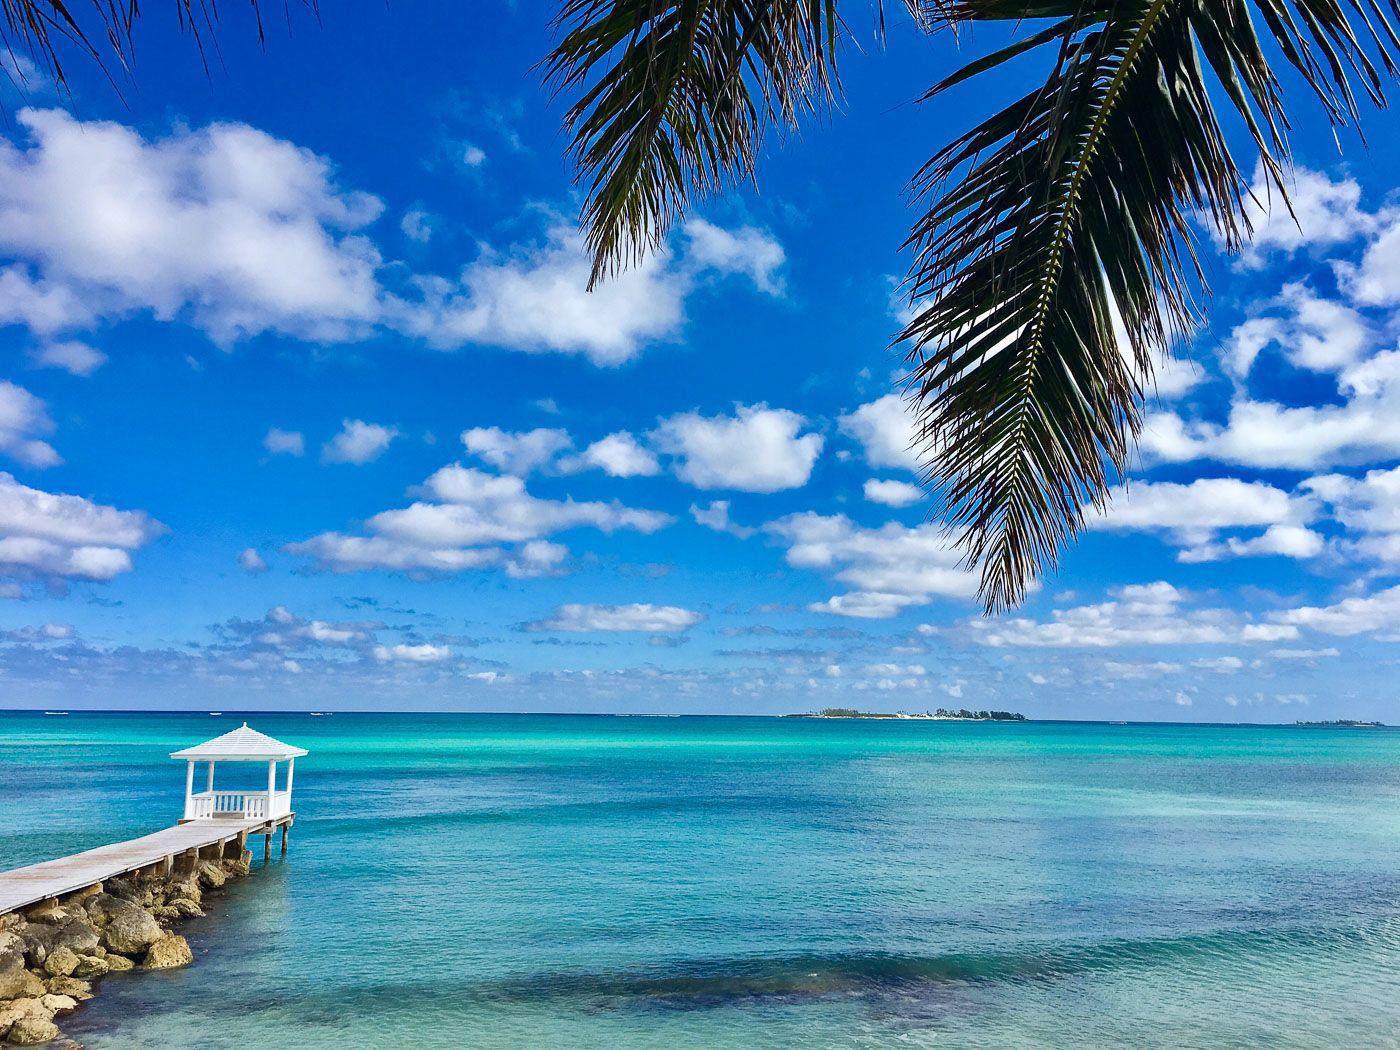 Sandyport Beach Resort Photo Gallery